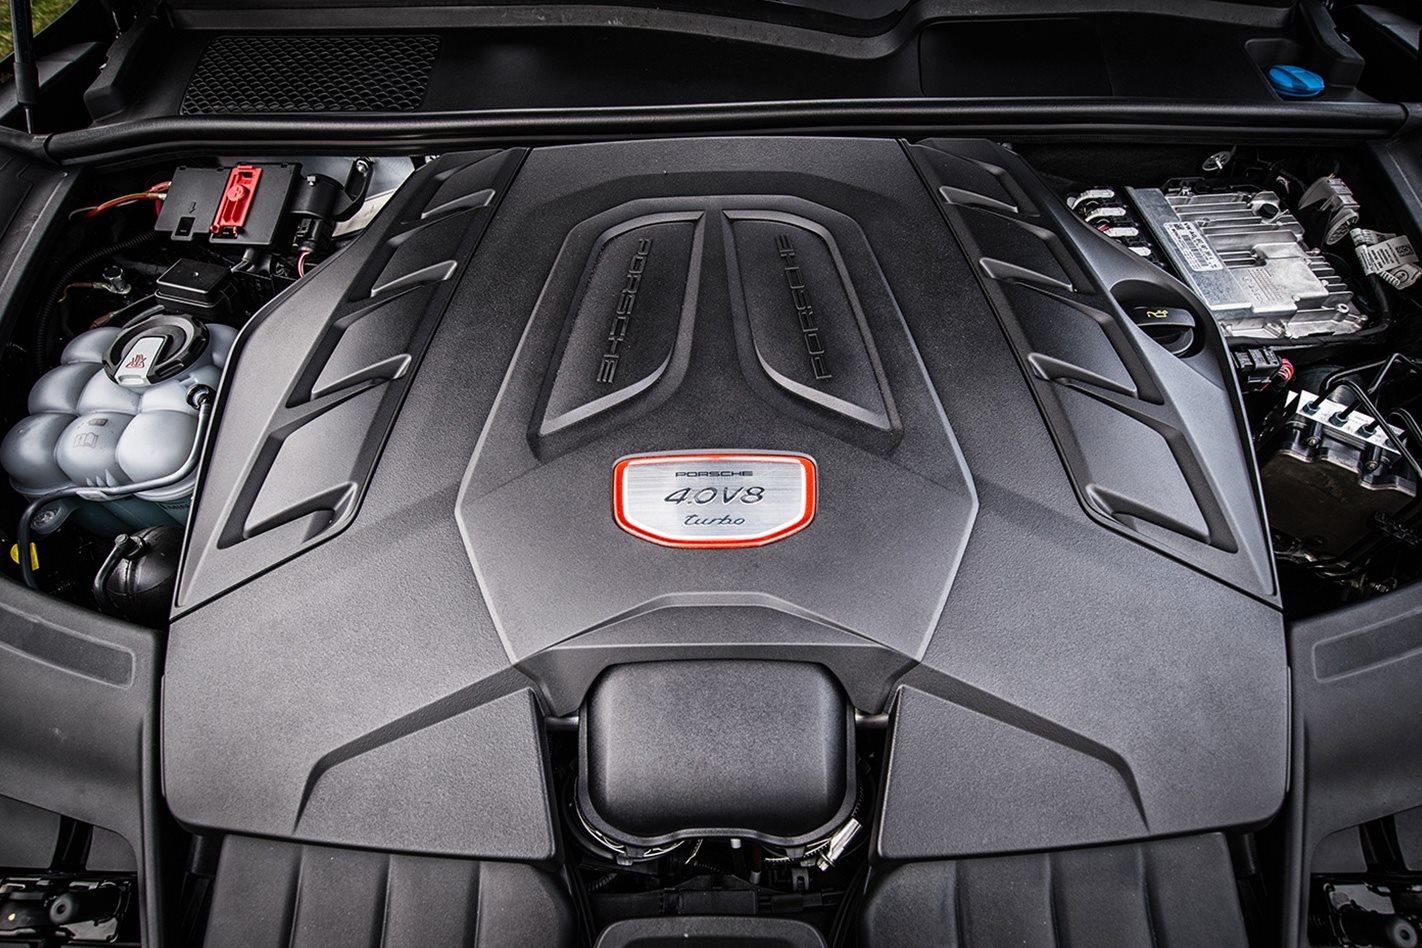 2018-Porsche-Cayenne-Turbo-engine.jpg